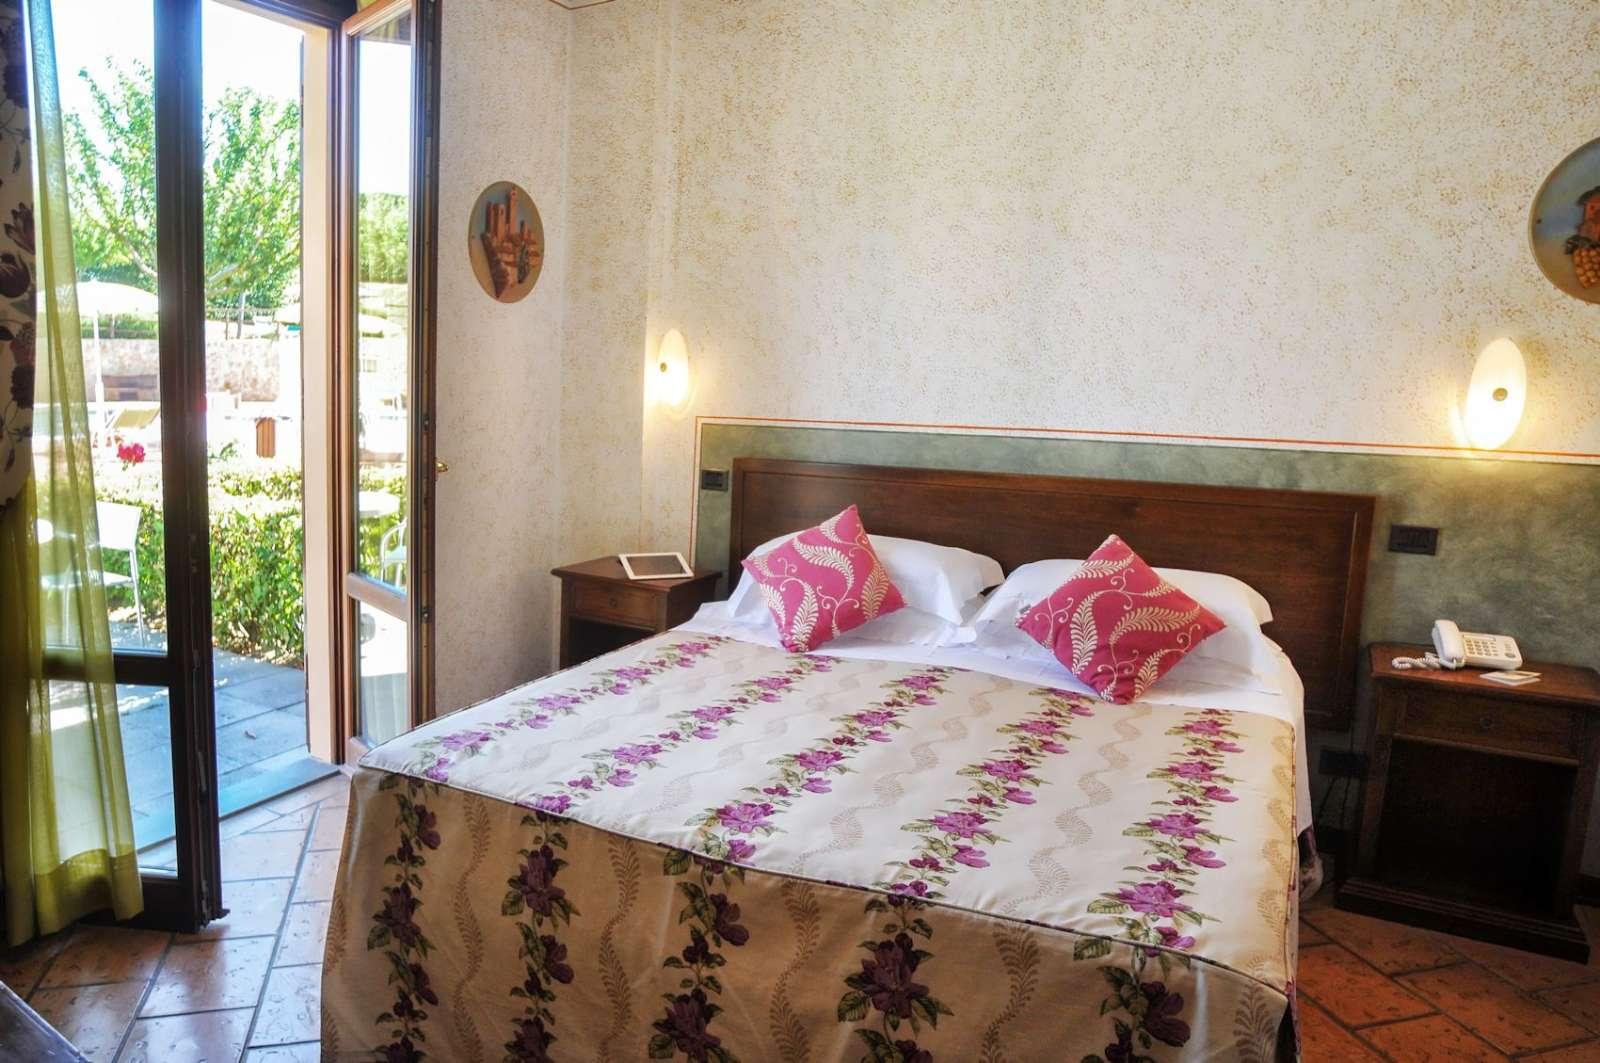 Værelse i stueetagen med terrasse